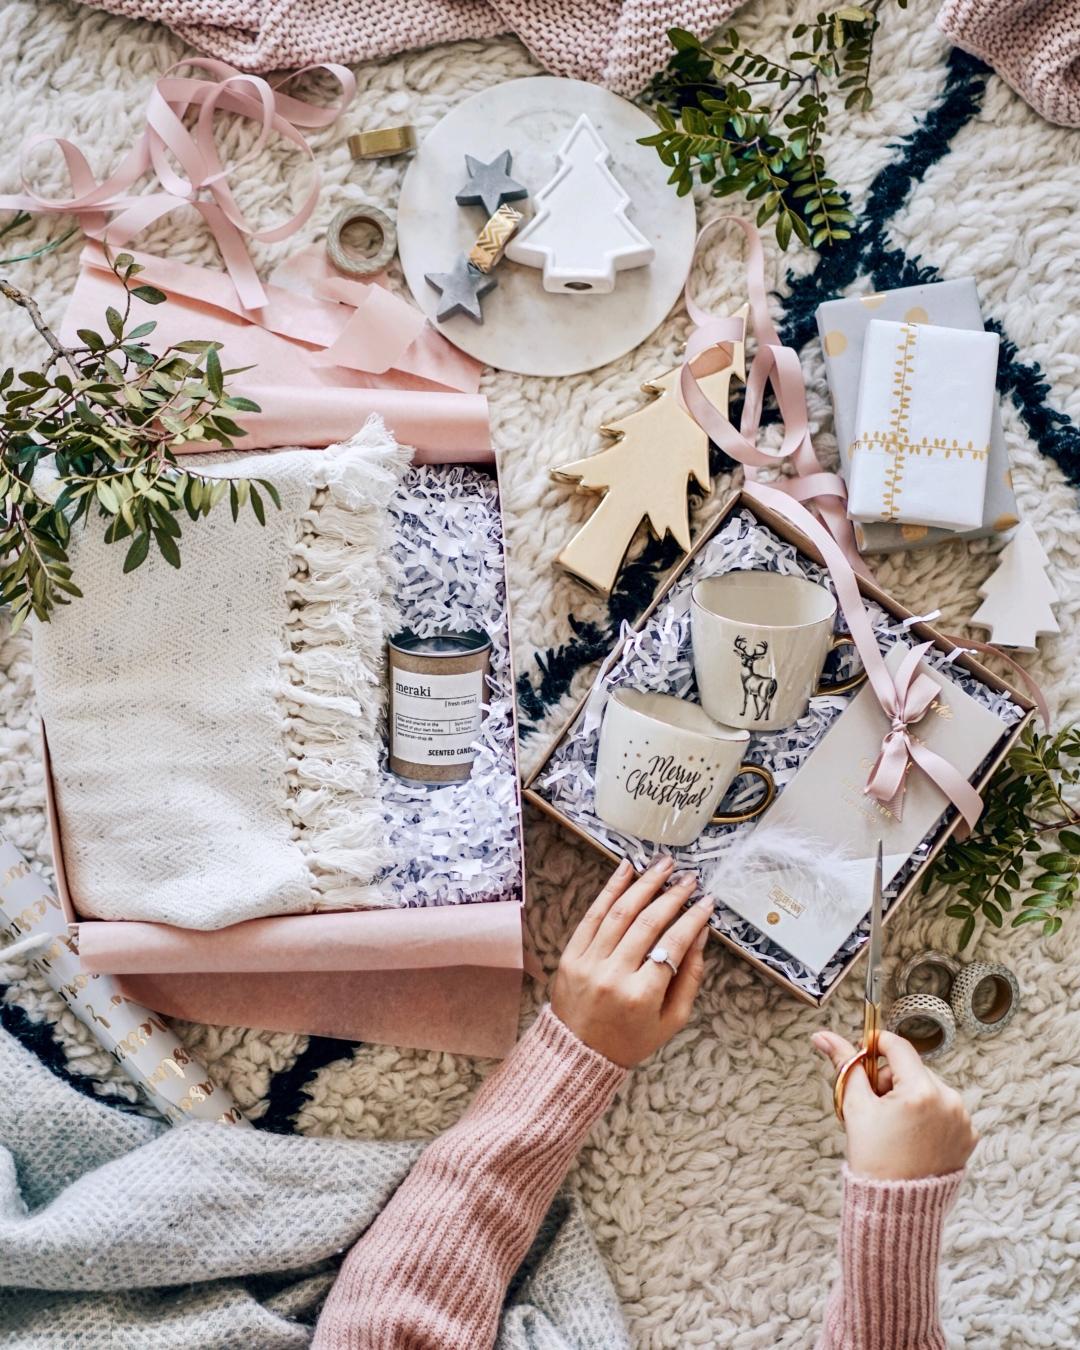 Geschenkideen Weihnachten Essen.Kreative Und Liebevolle Geschenkideen Für Weihnachten Von Lovlee De